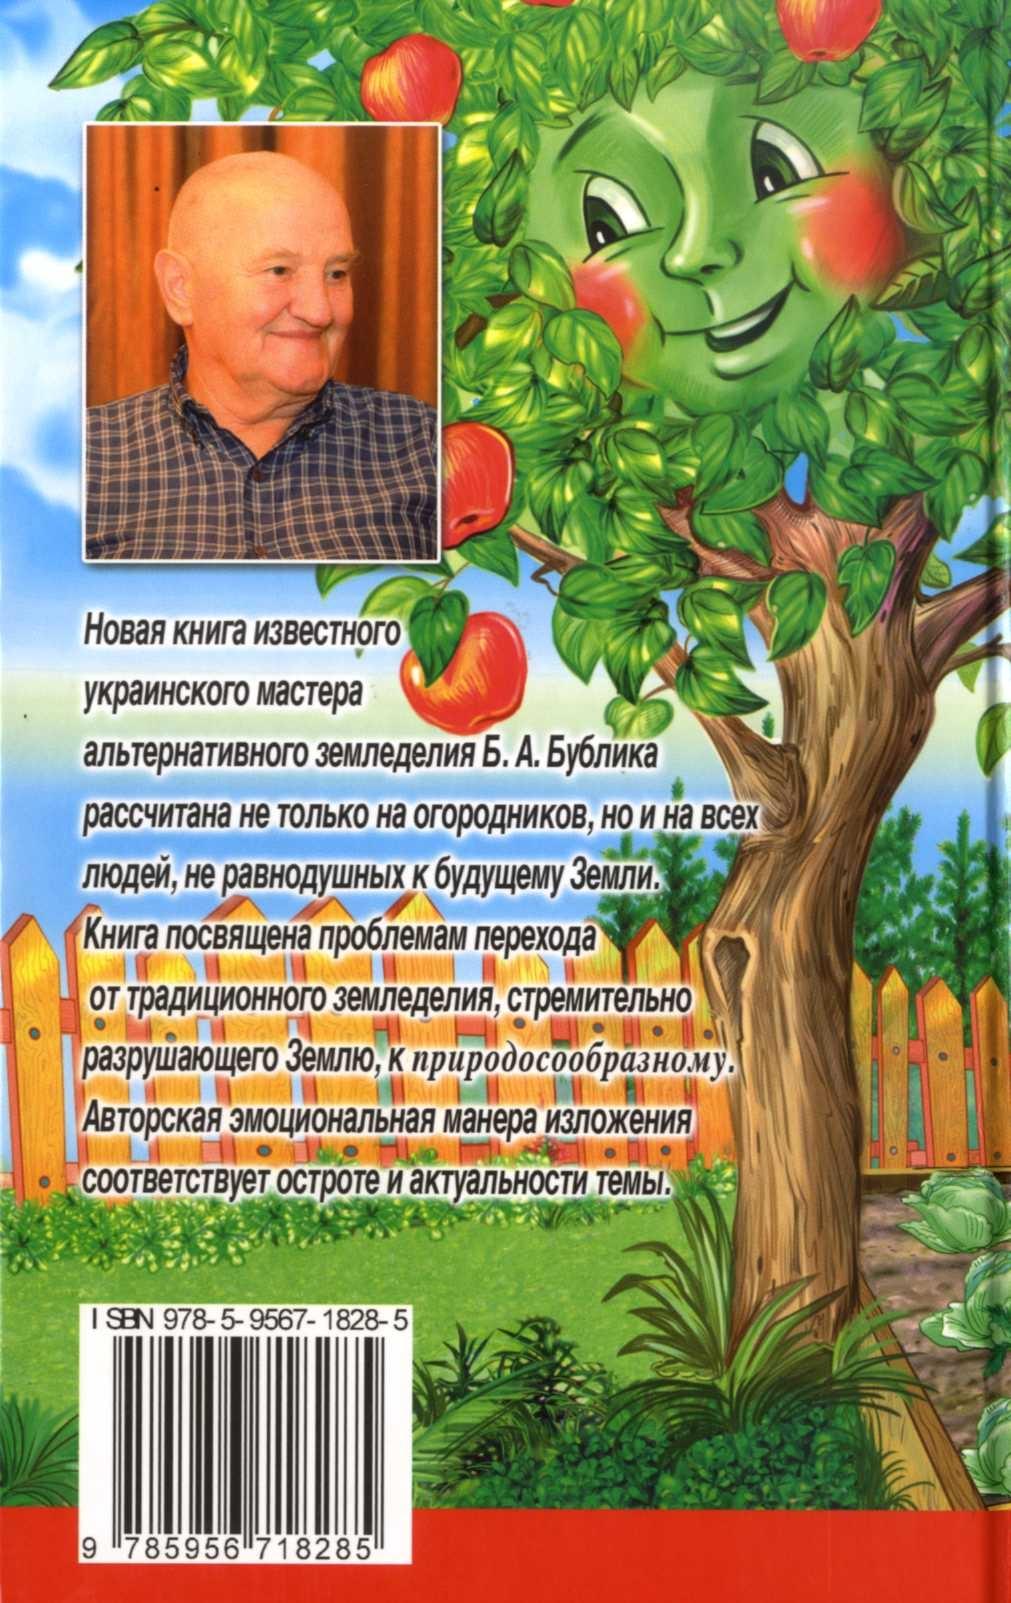 БУБЛИК БОРИС АНДРЕЕВИЧ КНИГИ СКАЧАТЬ БЕСПЛАТНО